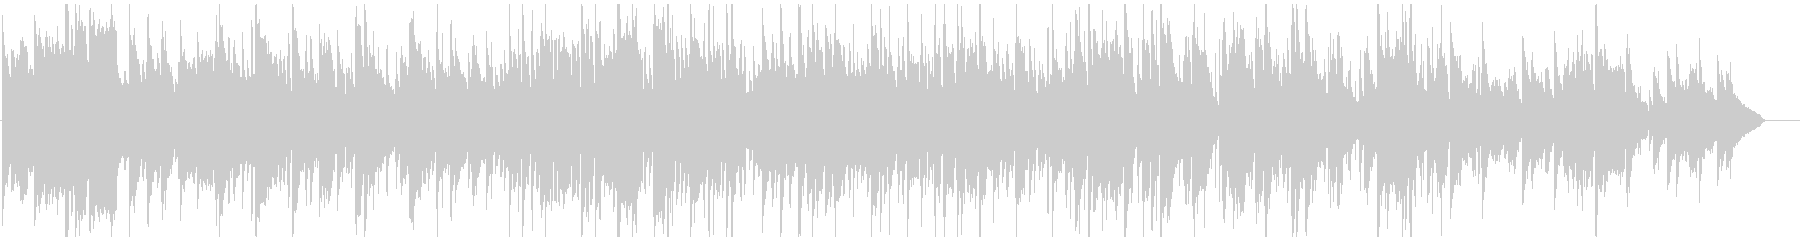 ドリームポップ風味なサックスとピアノの未再生の波形